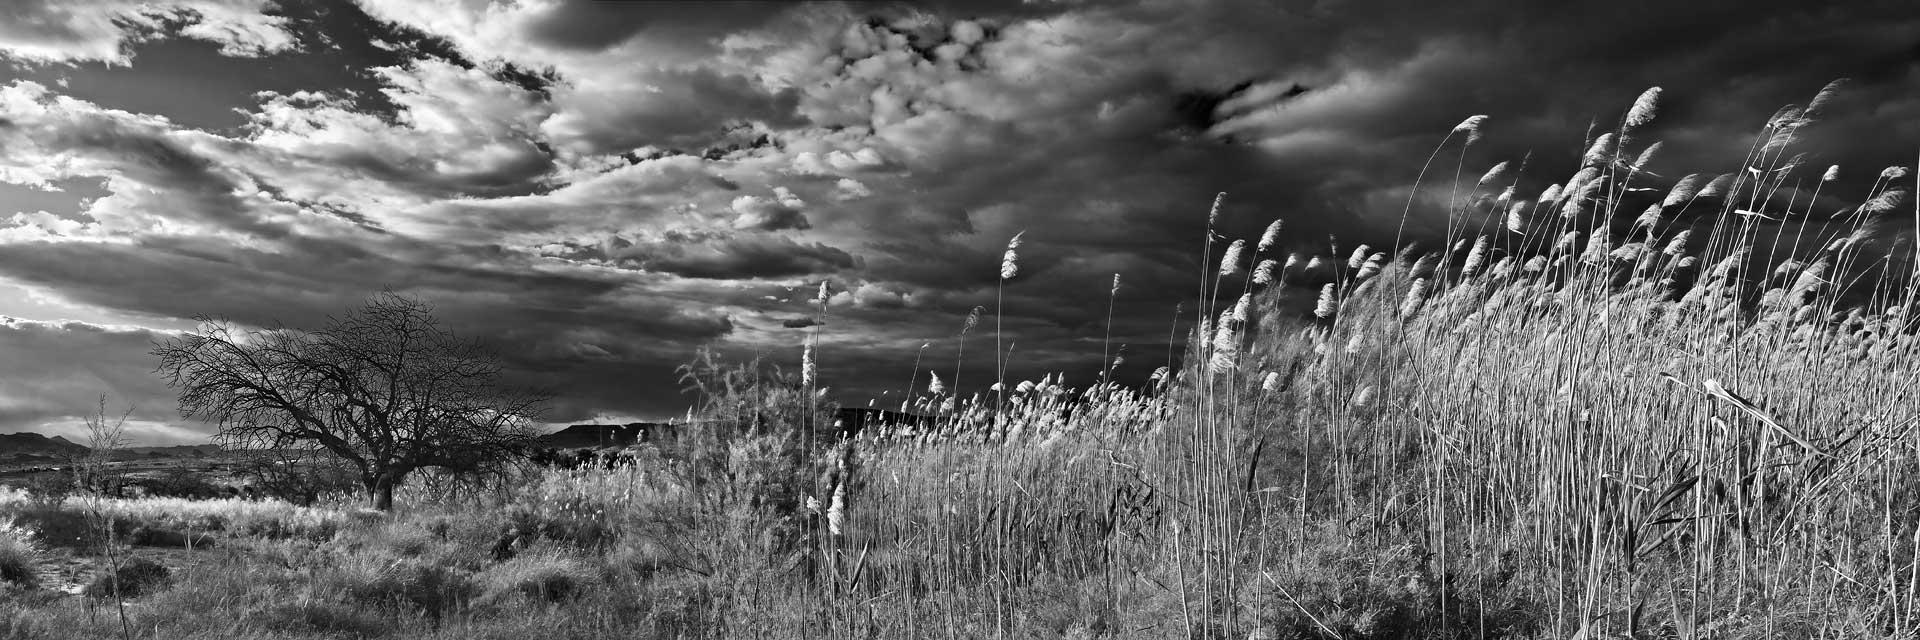 Fotografía de Manuel Portillo: paisaje con cañas y algarrobo muerto